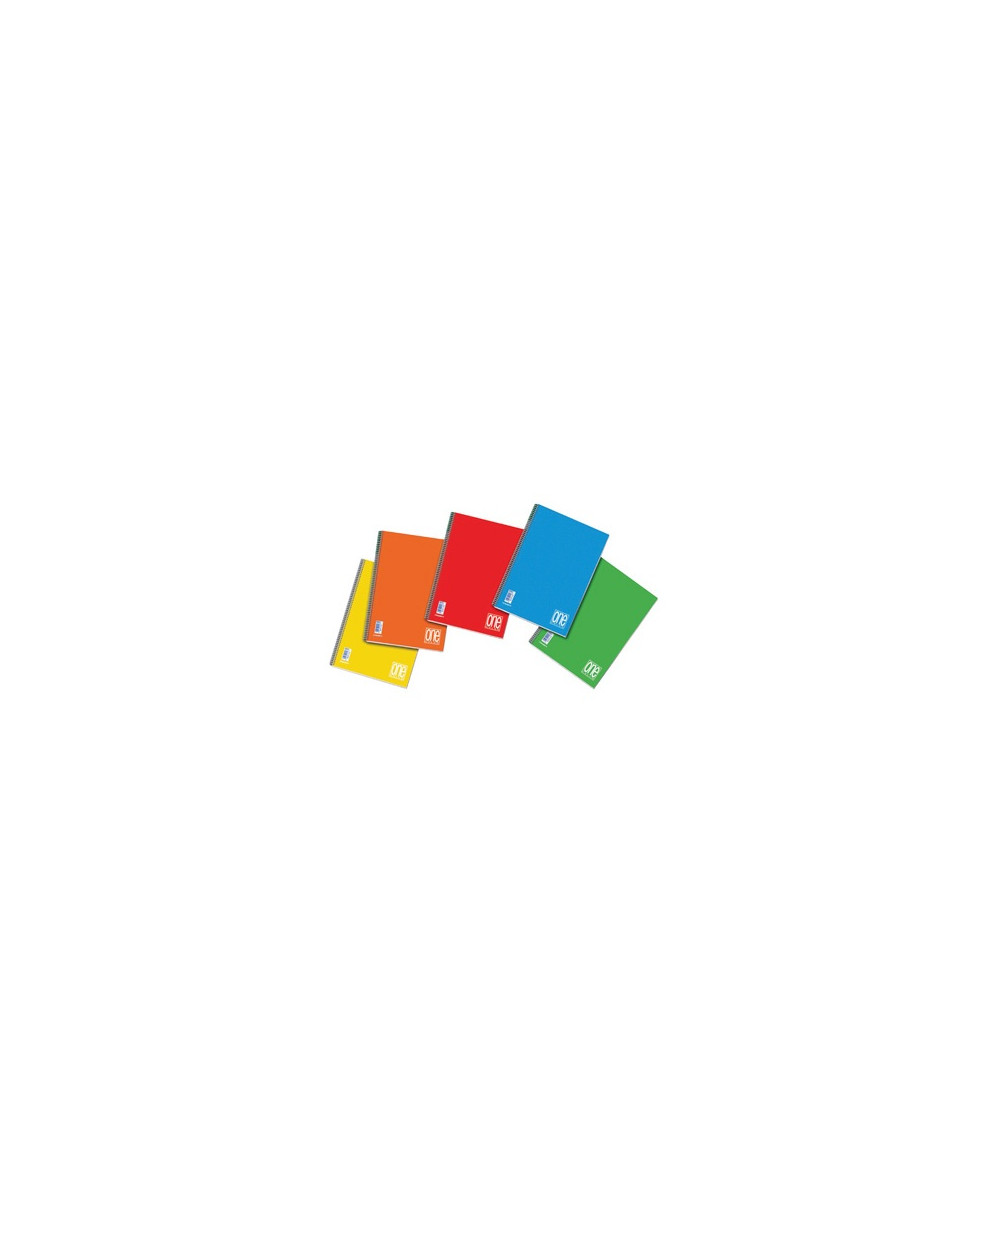 Тетрадка BLASETTI, A5 UV One Color спир., 60 л.ред, 80 г/м2